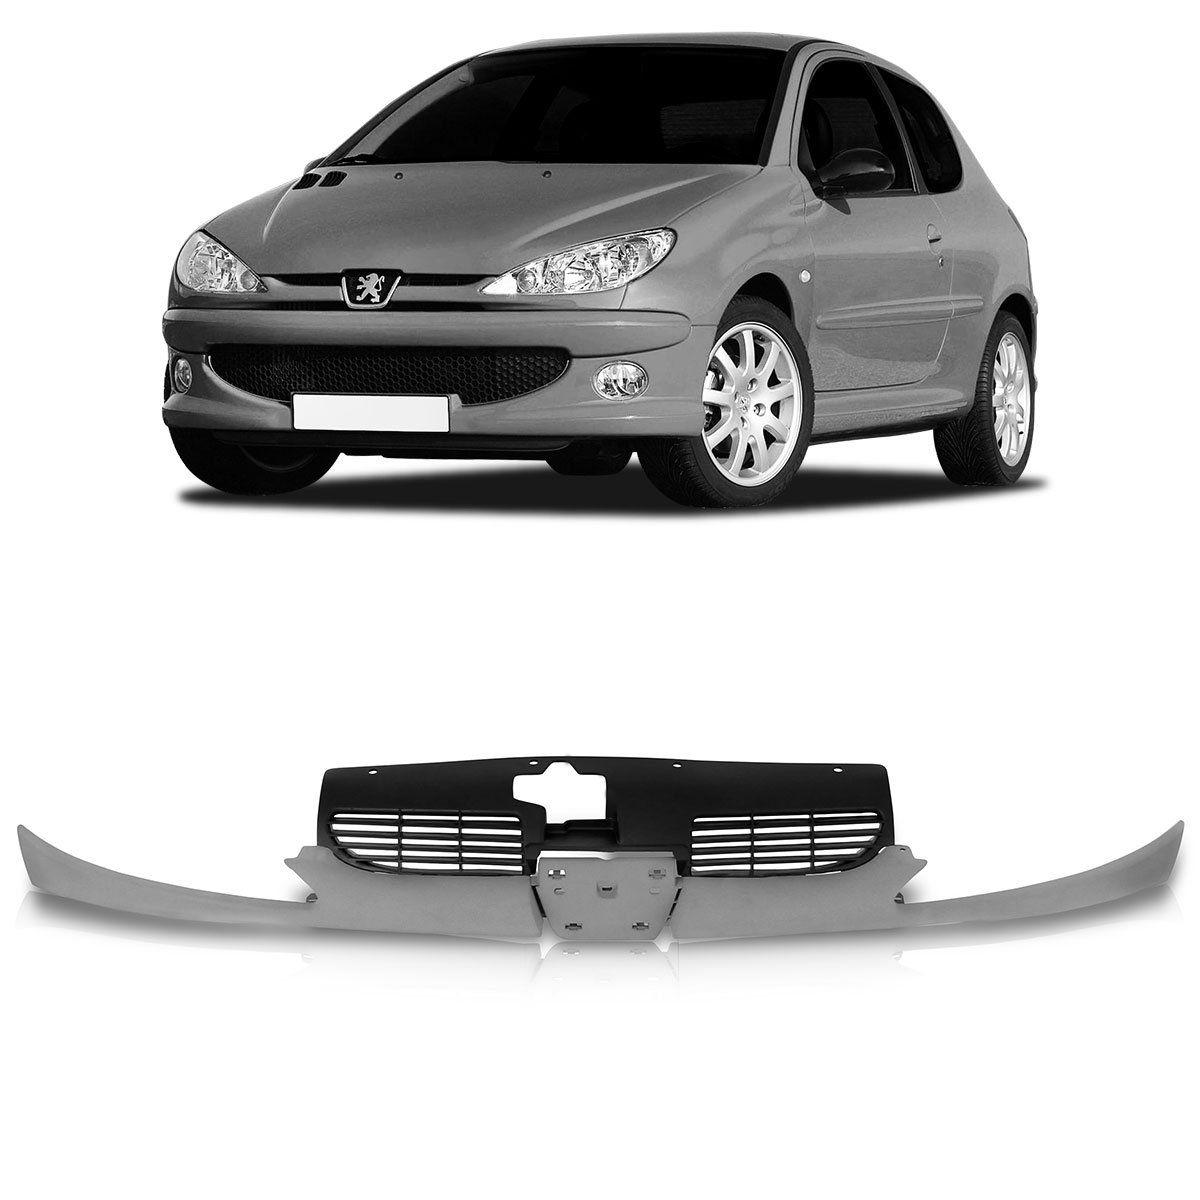 Grade Dianteira Peugeot 206 Com Bigode 99 2000 2001 2002 2003 2004 2005 2006 2007 2008 2009 2010